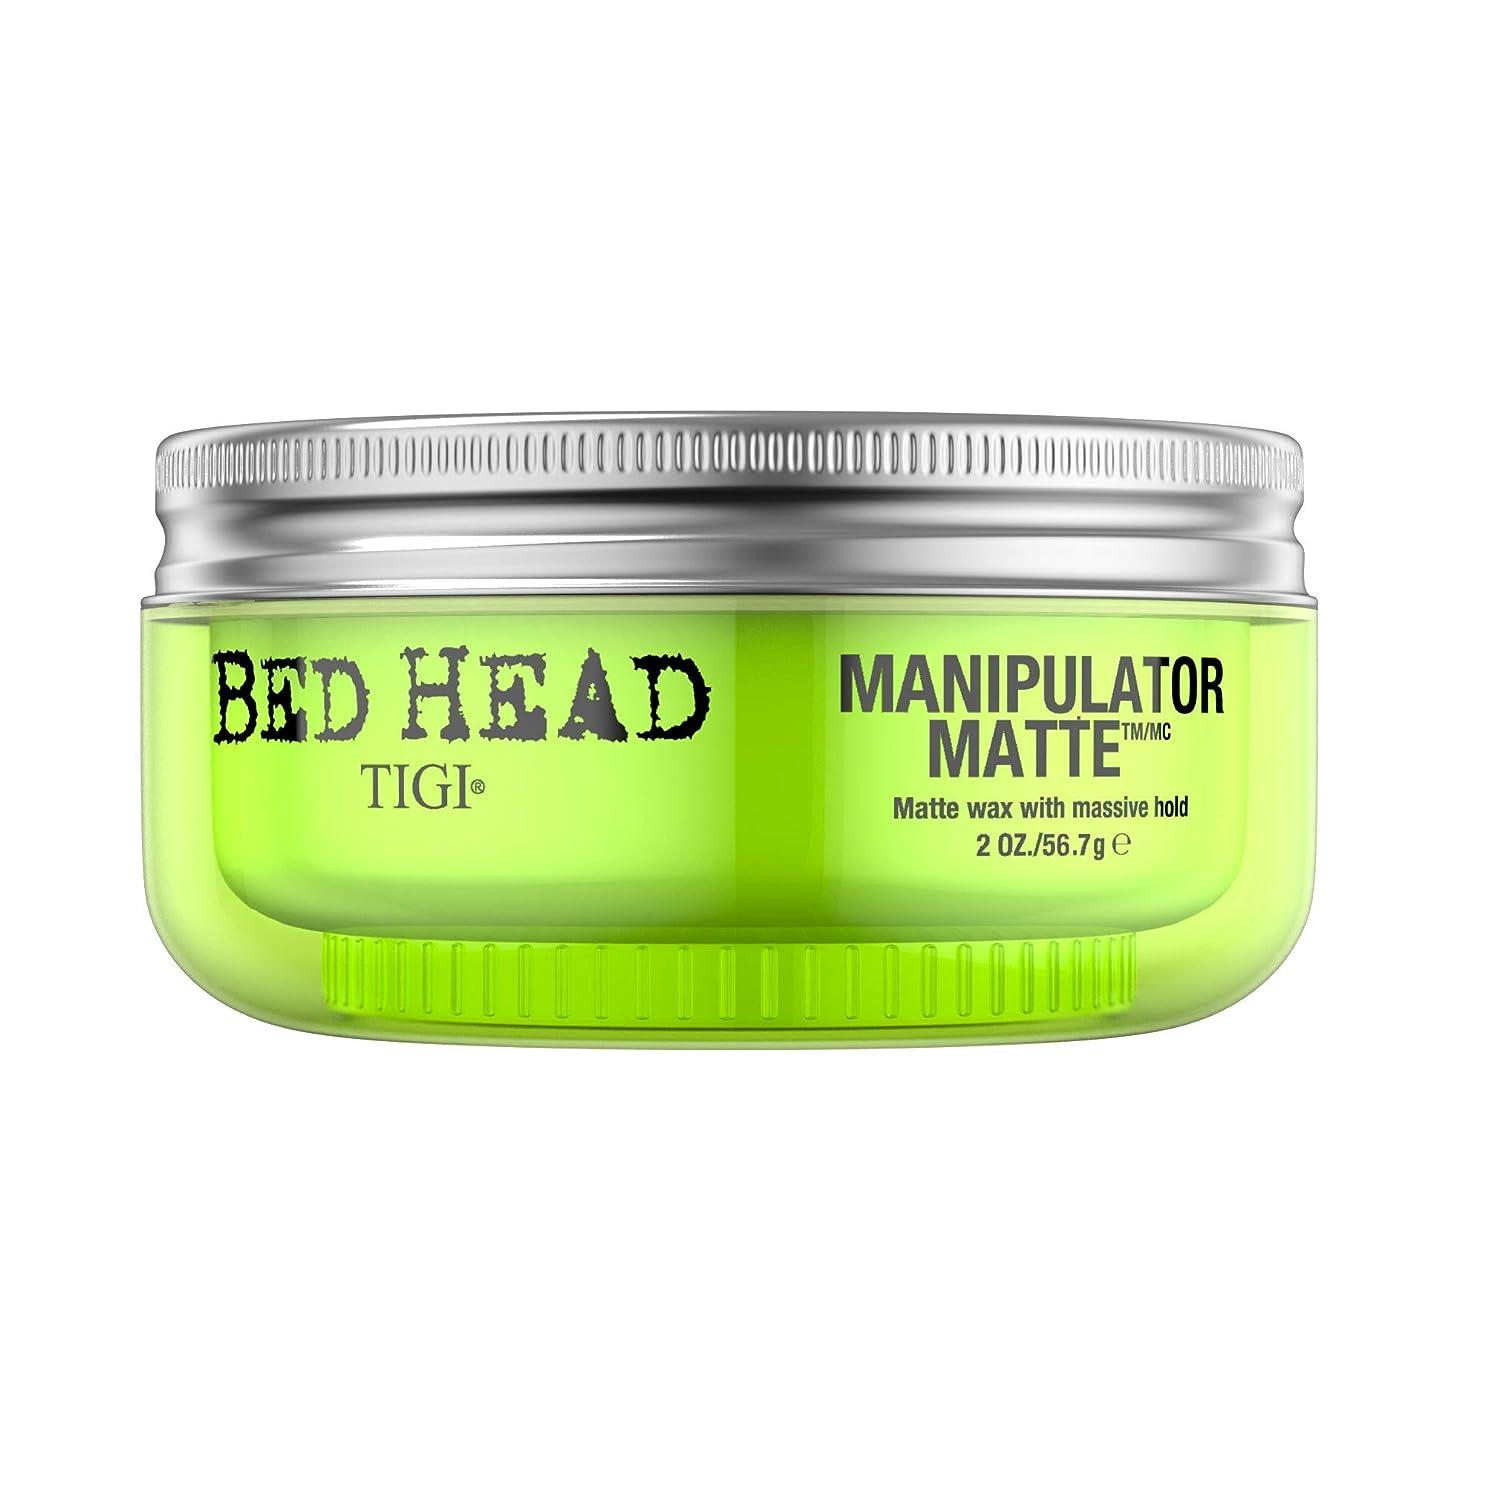 スロープ物理大佐ティジー Bed Head Manipulator Matte - Matte Wax with Massive Hold 57.2g/2oz [海外直送品]